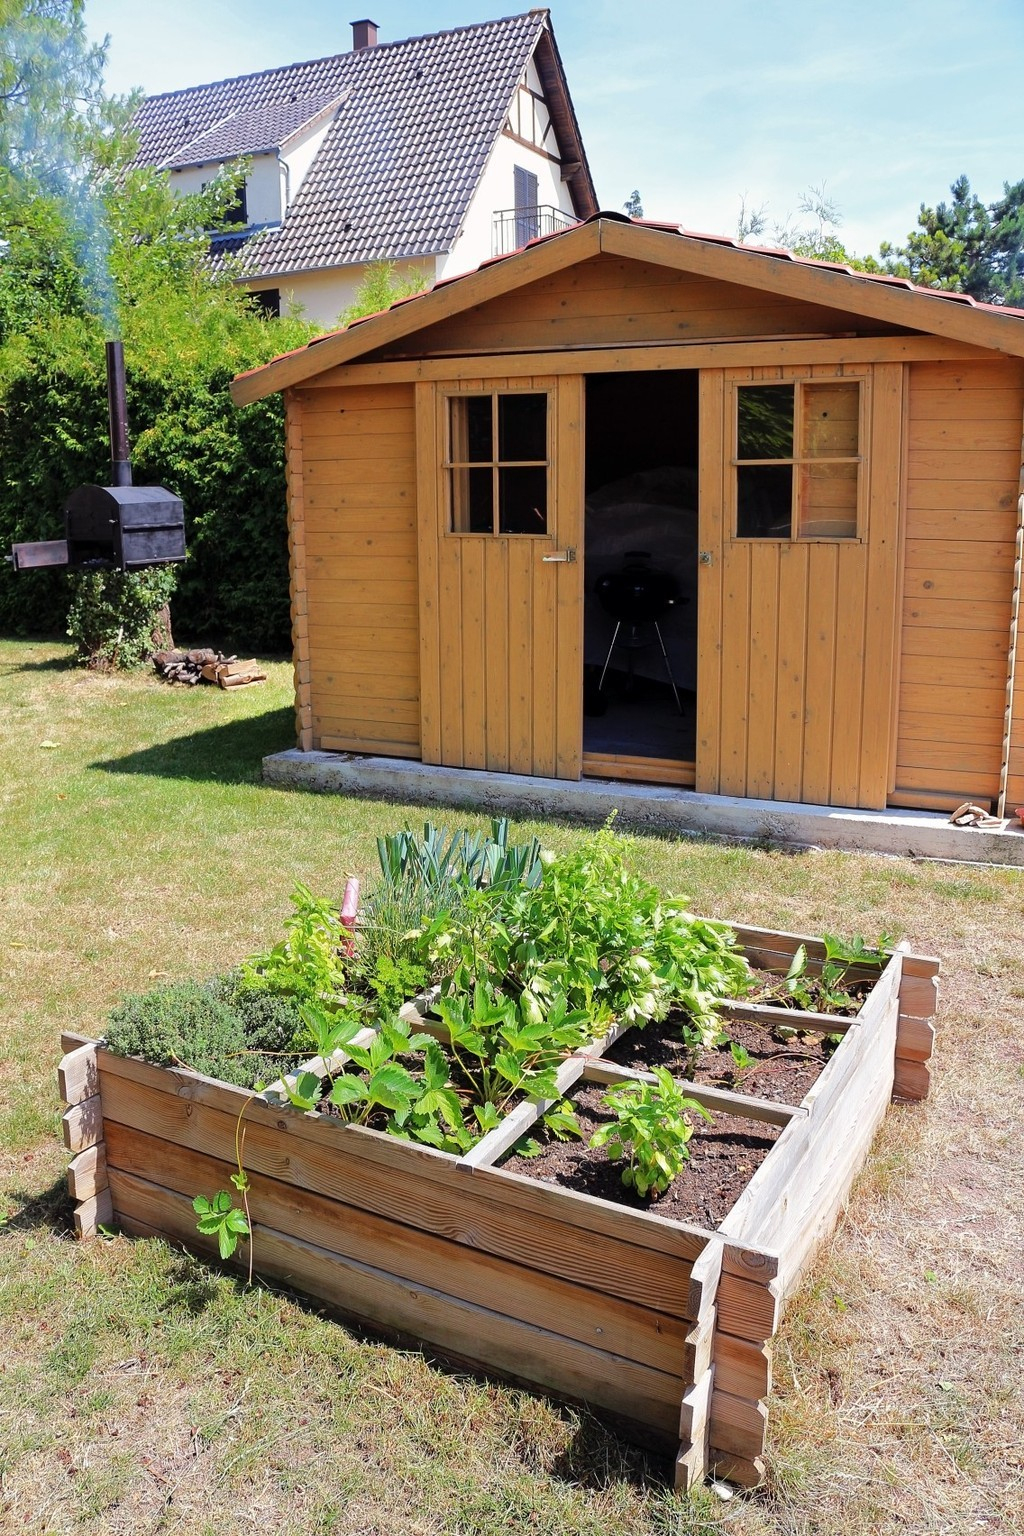 Bien Choisir Son Abri De Jardin | La Chronique Républicaine intérieur Abri De Jardin Moins De 5M2